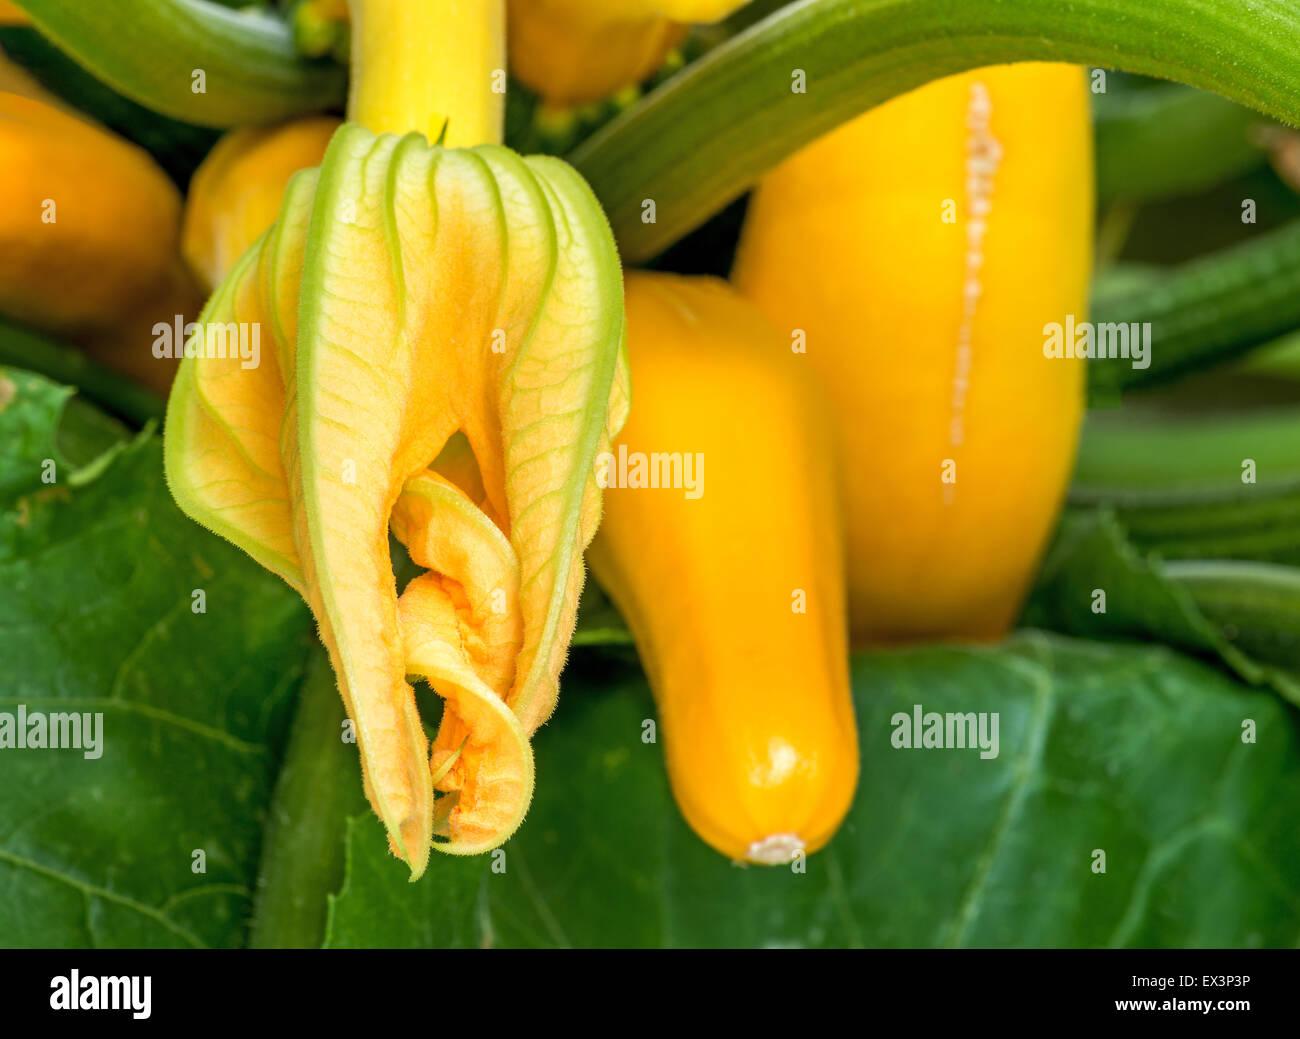 Calabacín calabaza amarilla flor y fruto verde primavera de verduras, hortalizas, plantas, delicadamente sabroso Imagen De Stock